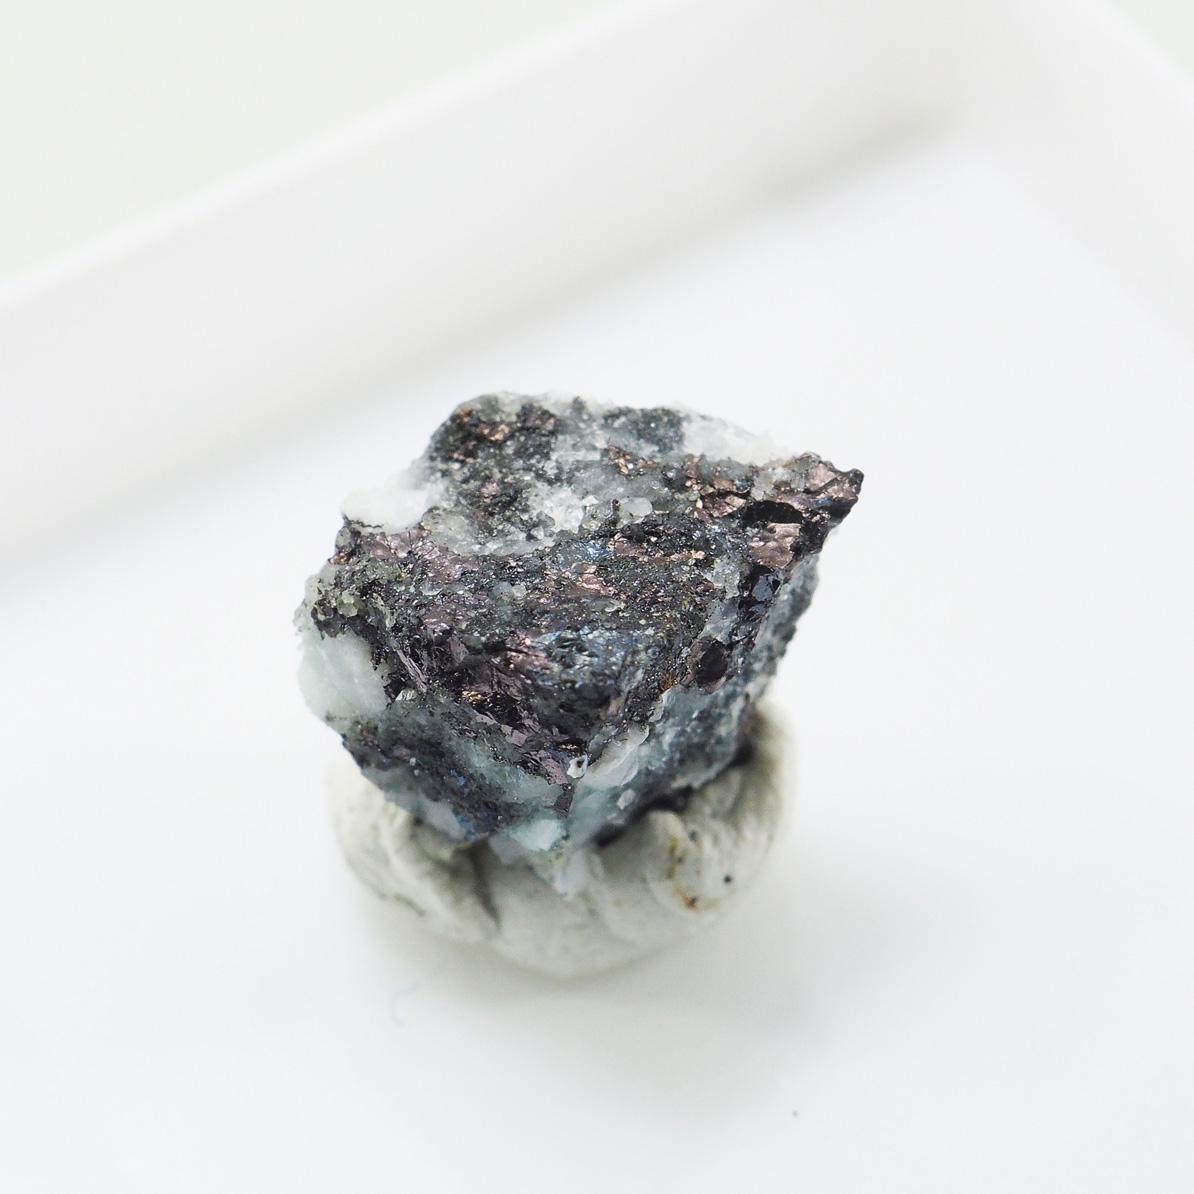 Hessite & Bornite